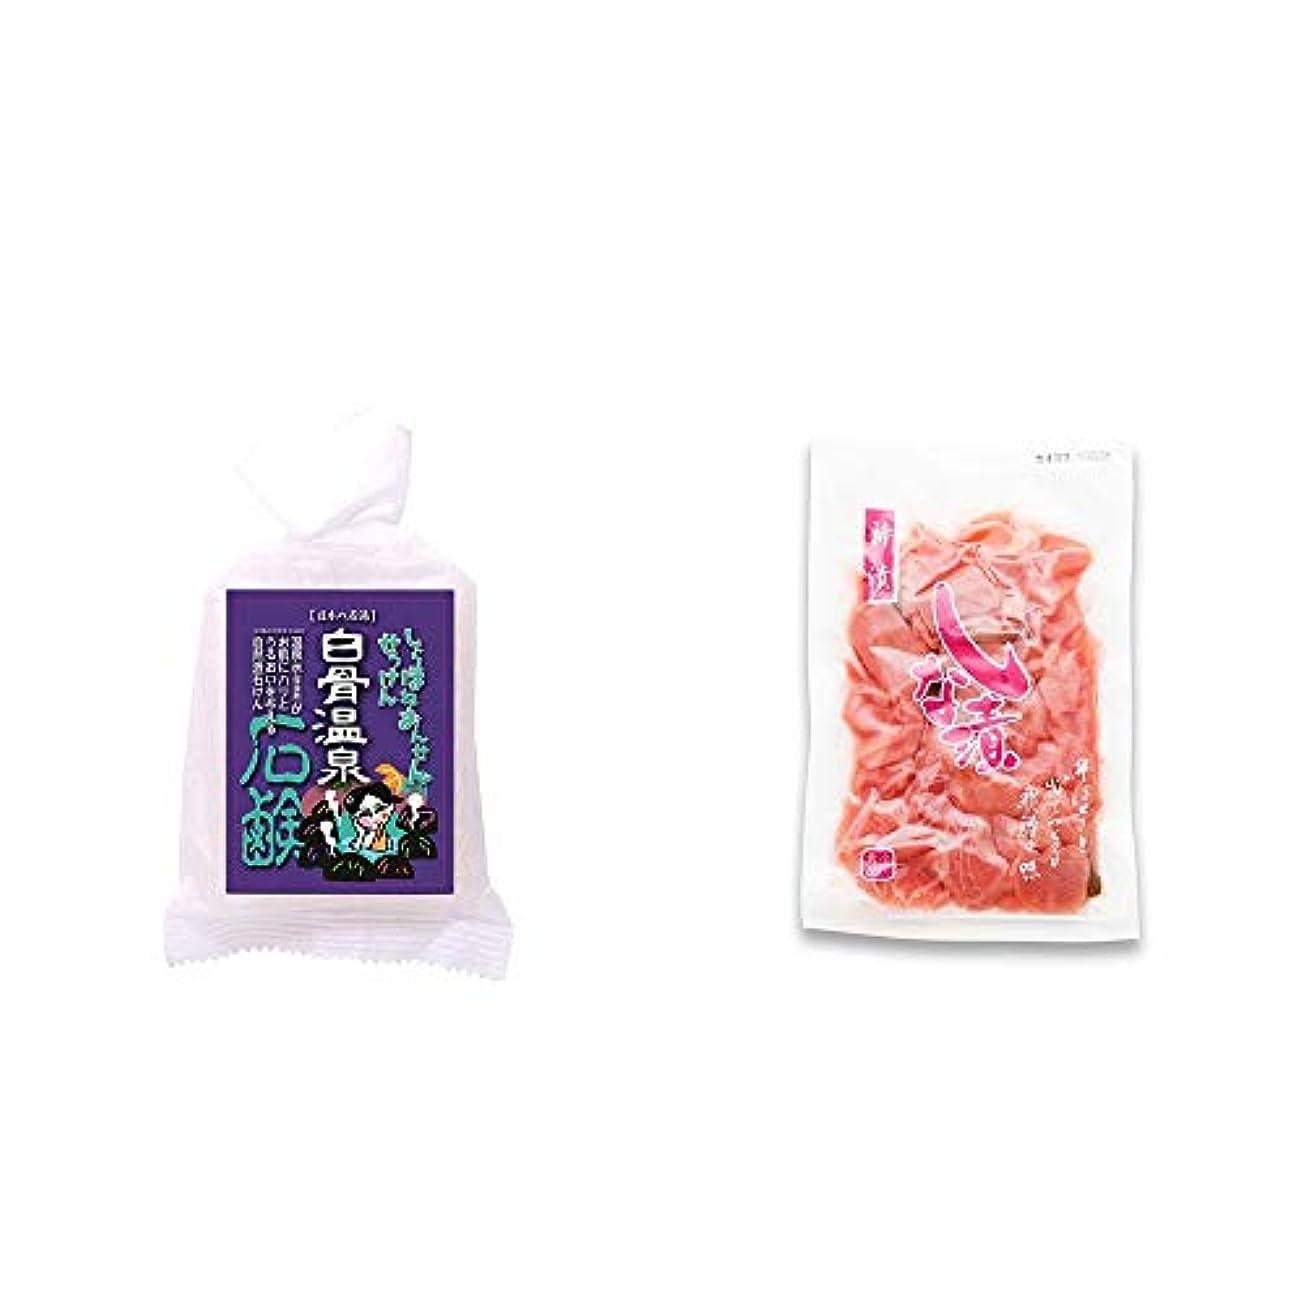 種ボーカル呪い[2点セット] 信州 白骨温泉石鹸(80g)?しな漬け(160g)